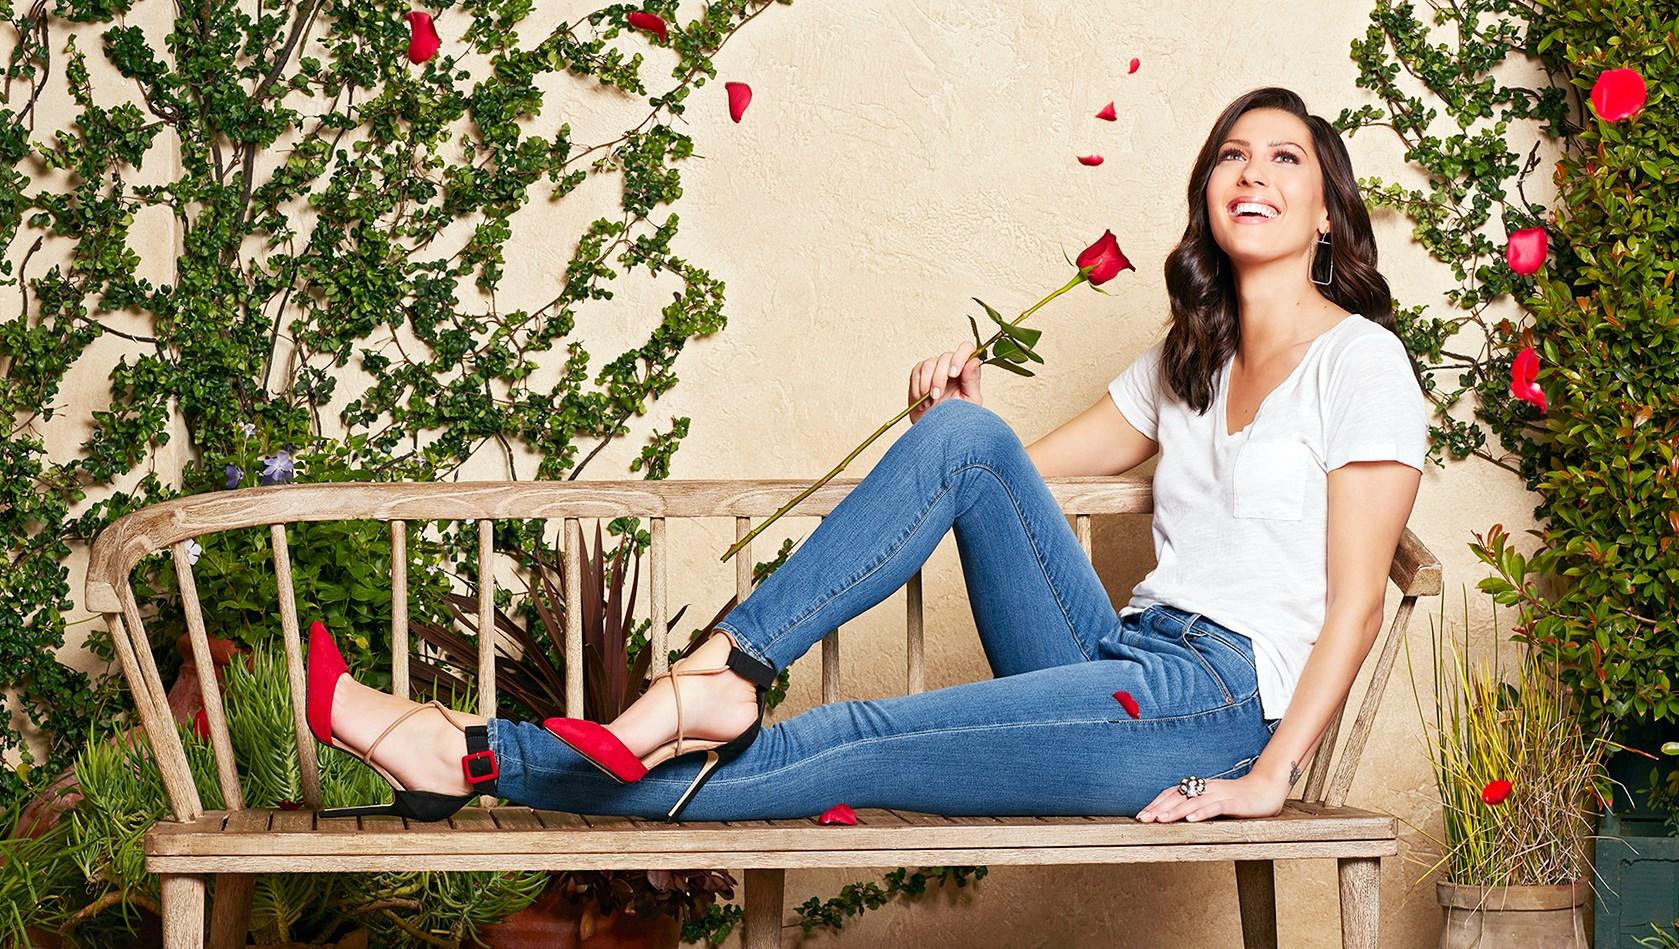 Becca Kufrin The Bachelorette Engaged